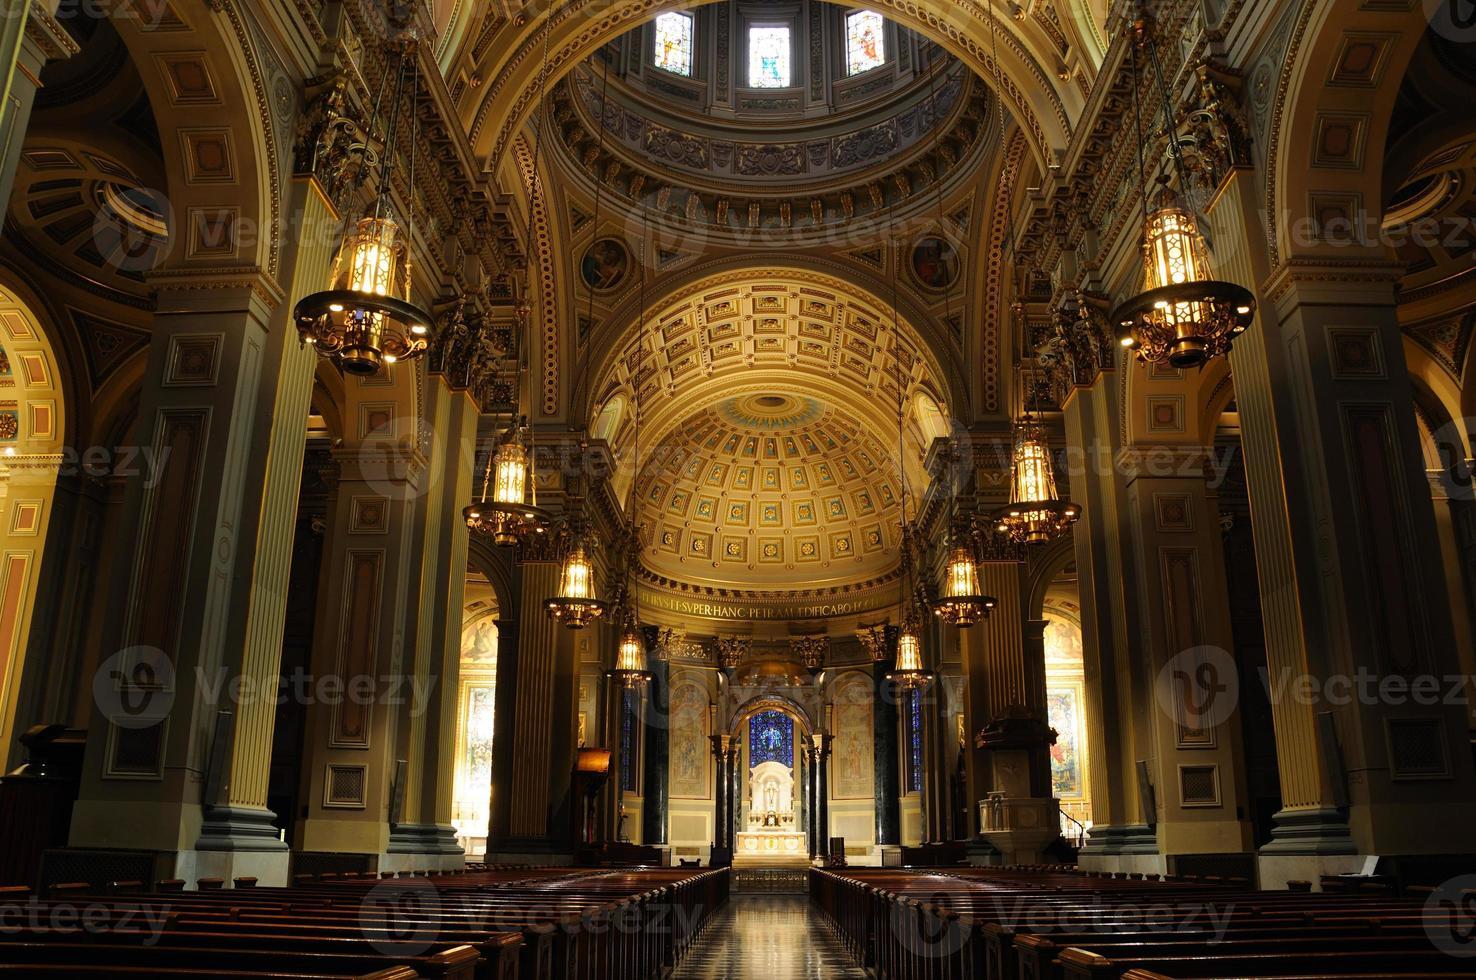 historische kathedraal basiliek van de heiligen peter en paul - Philadelphia foto